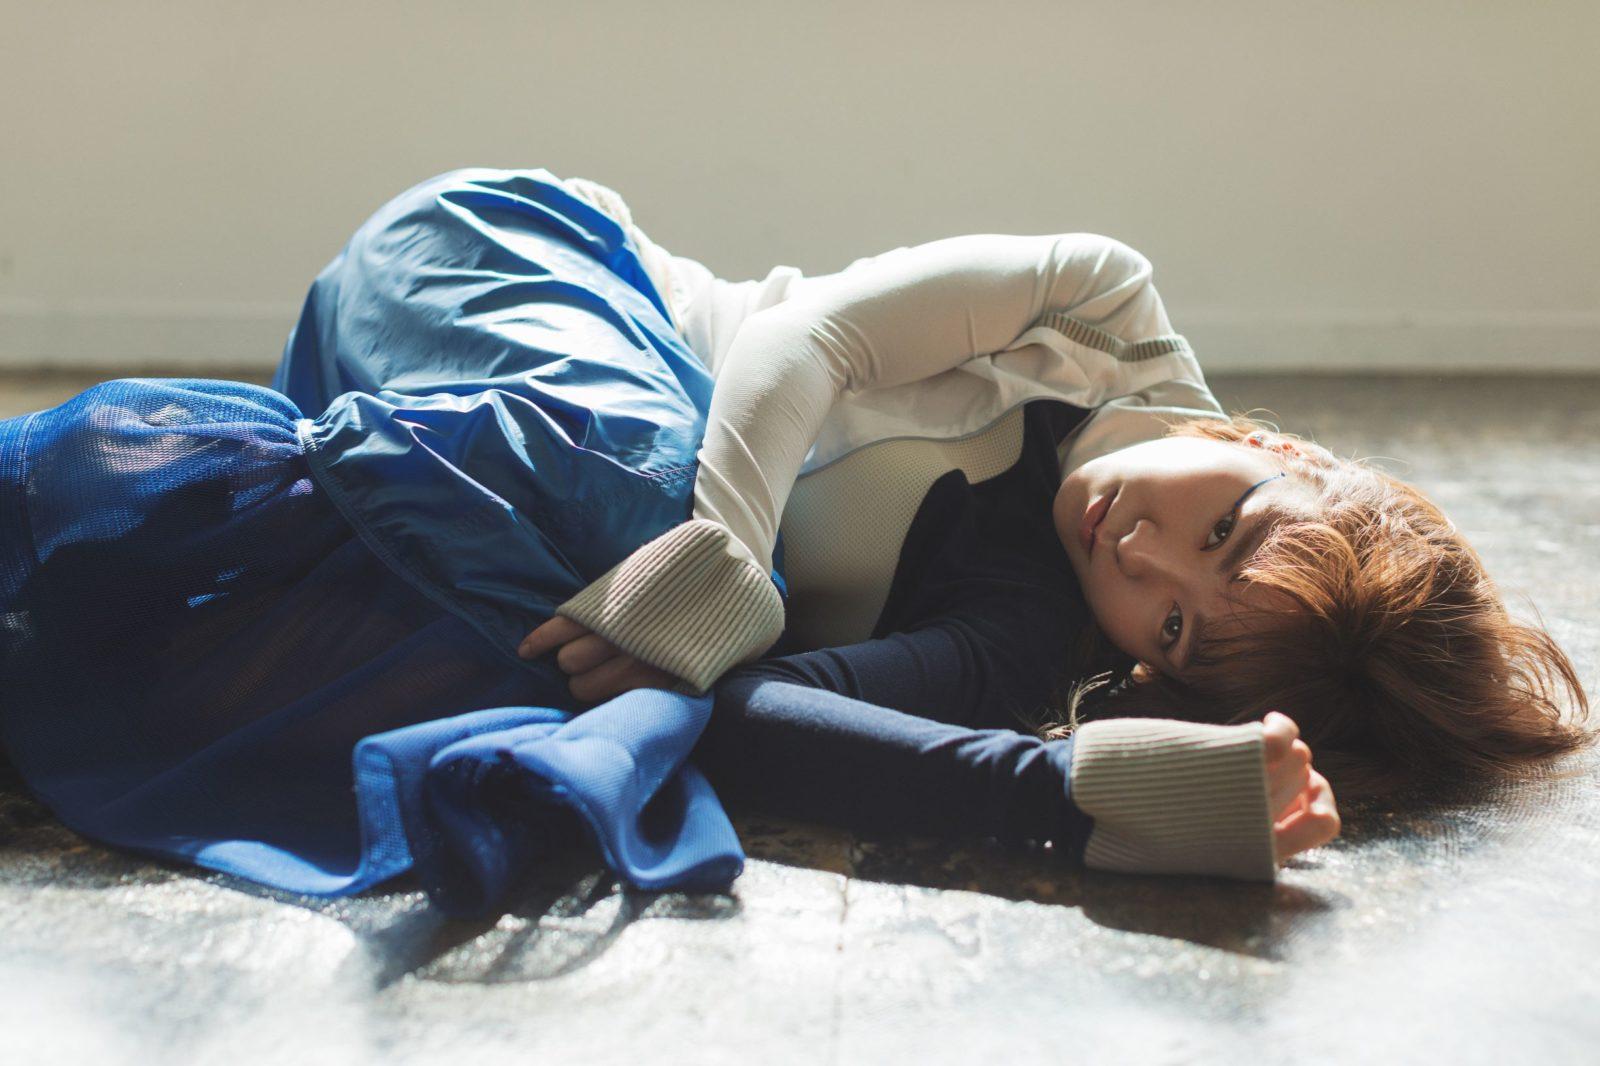 みるきーうぇい、3rd mini ALより「ドンガラガッシャンバーン」小説&映像作品&音楽配信が解禁サムネイル画像